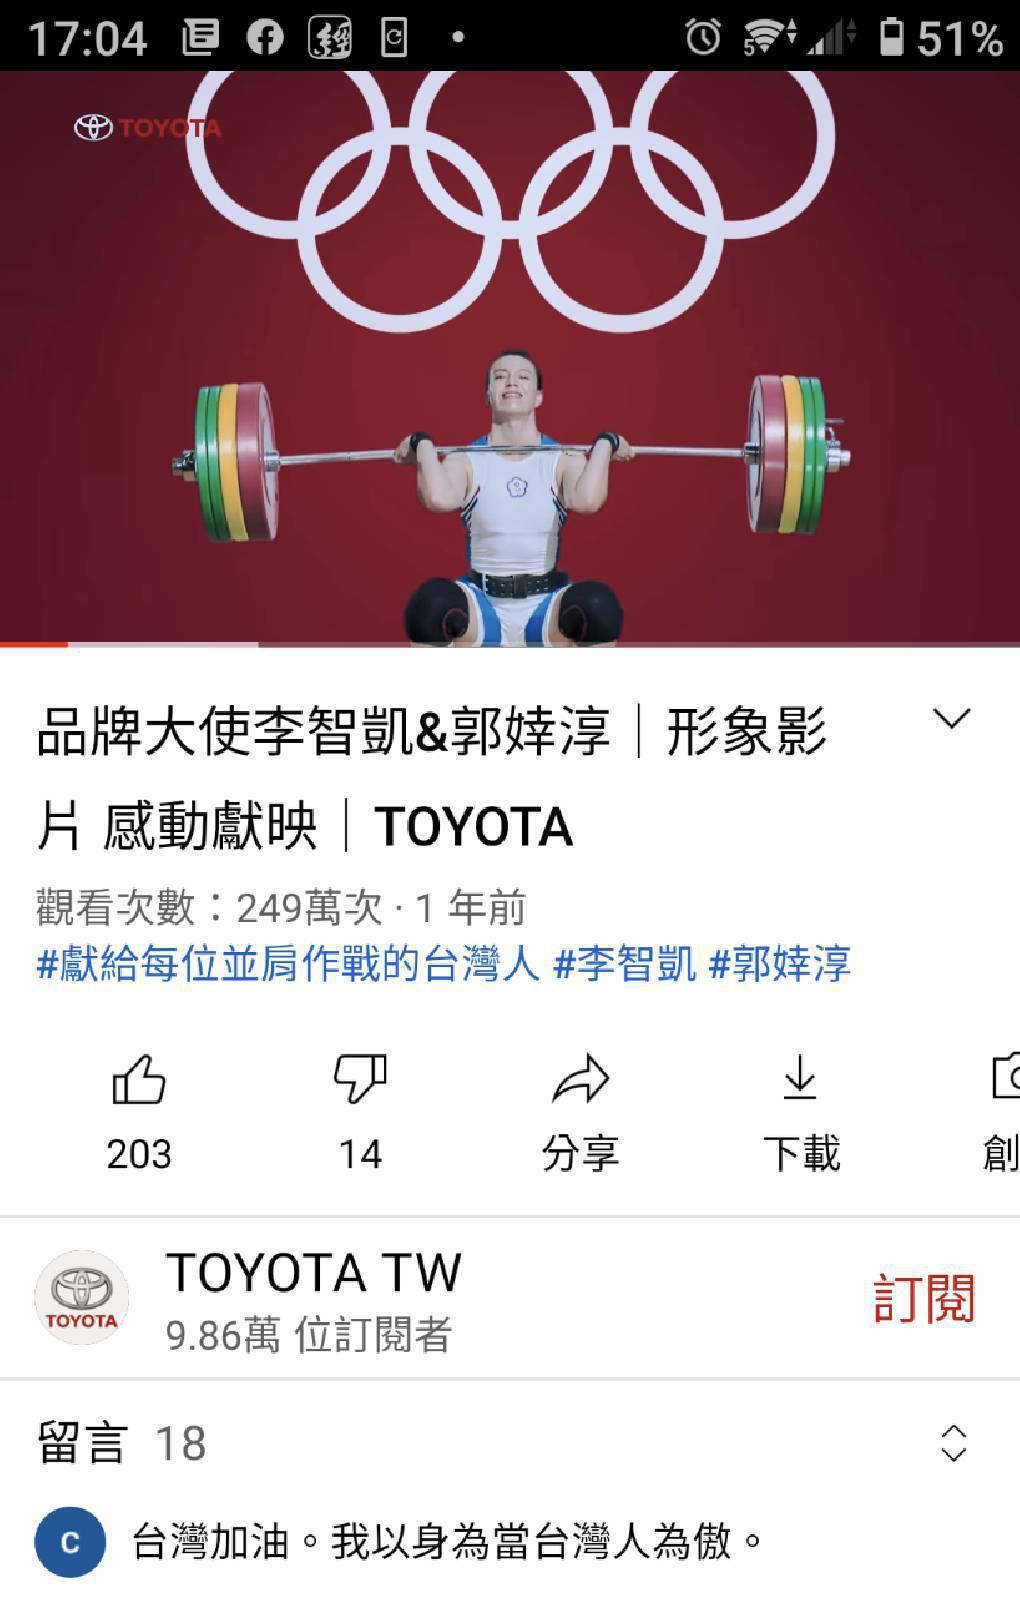 和泰車推出李智凱、郭婞淳奧運選手奮鬥精彩過程的短影片,「我們做到了!」台灣加油!...